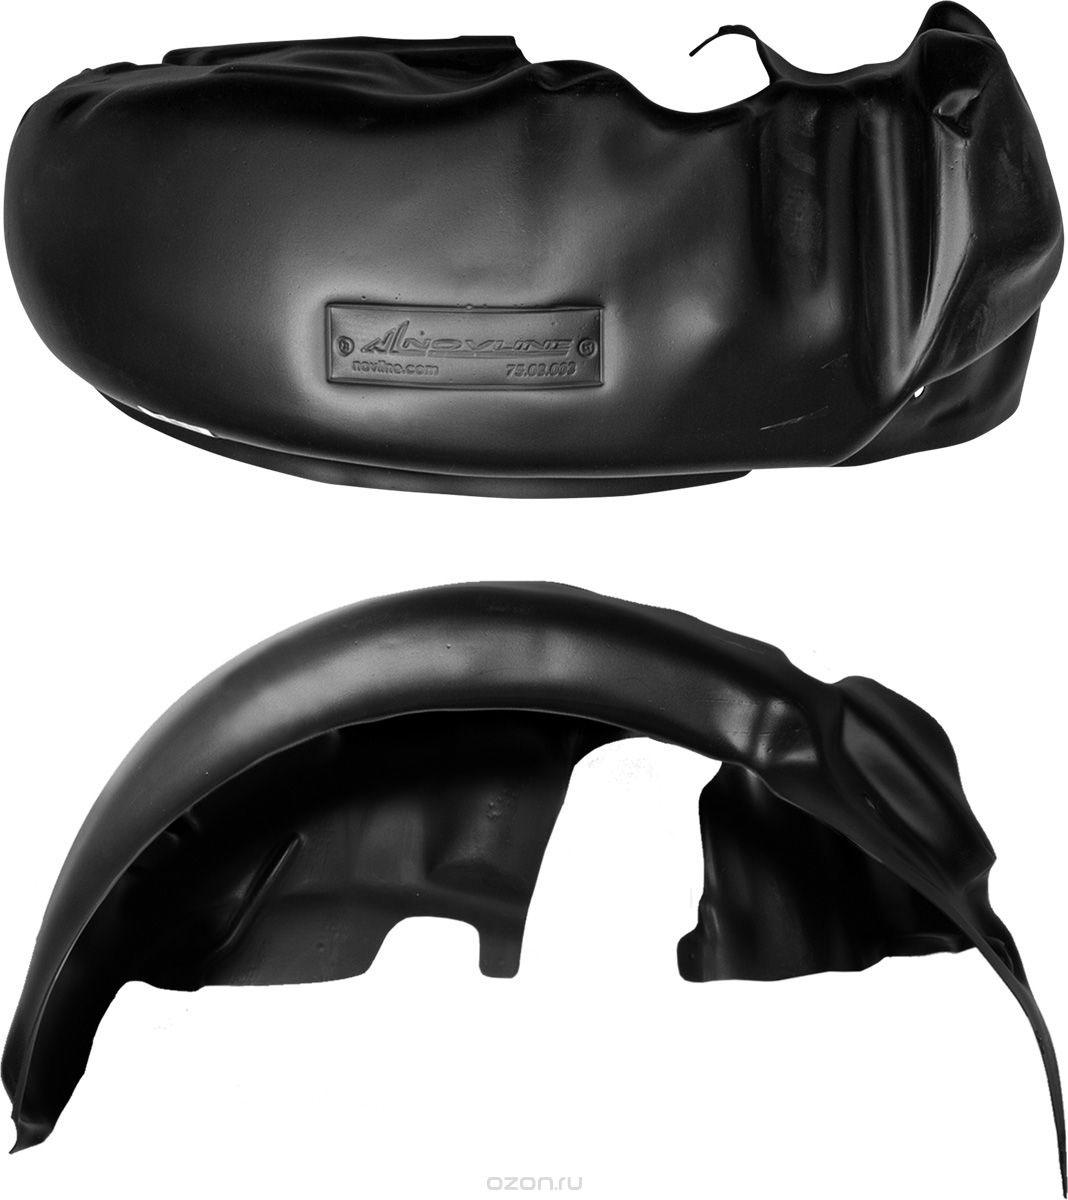 Подкрылок Novline-Autofamily, для SKODA Yeti, 2014->, задний левыйNLL.45.04.003Идеальная защита колесной ниши. Локеры разработаны с применением цифровых технологий, гарантируют максимальную повторяемость поверхности арки. Изделия устанавливаются без нарушения лакокрасочного покрытия автомобиля, каждый подкрылок комплектуется крепежом. Уважаемые клиенты, обращаем ваше внимание, что фотографии на подкрылки универсальные и не отражают реальную форму изделия. При этом само изделие идет точно под размер указанного автомобиля.